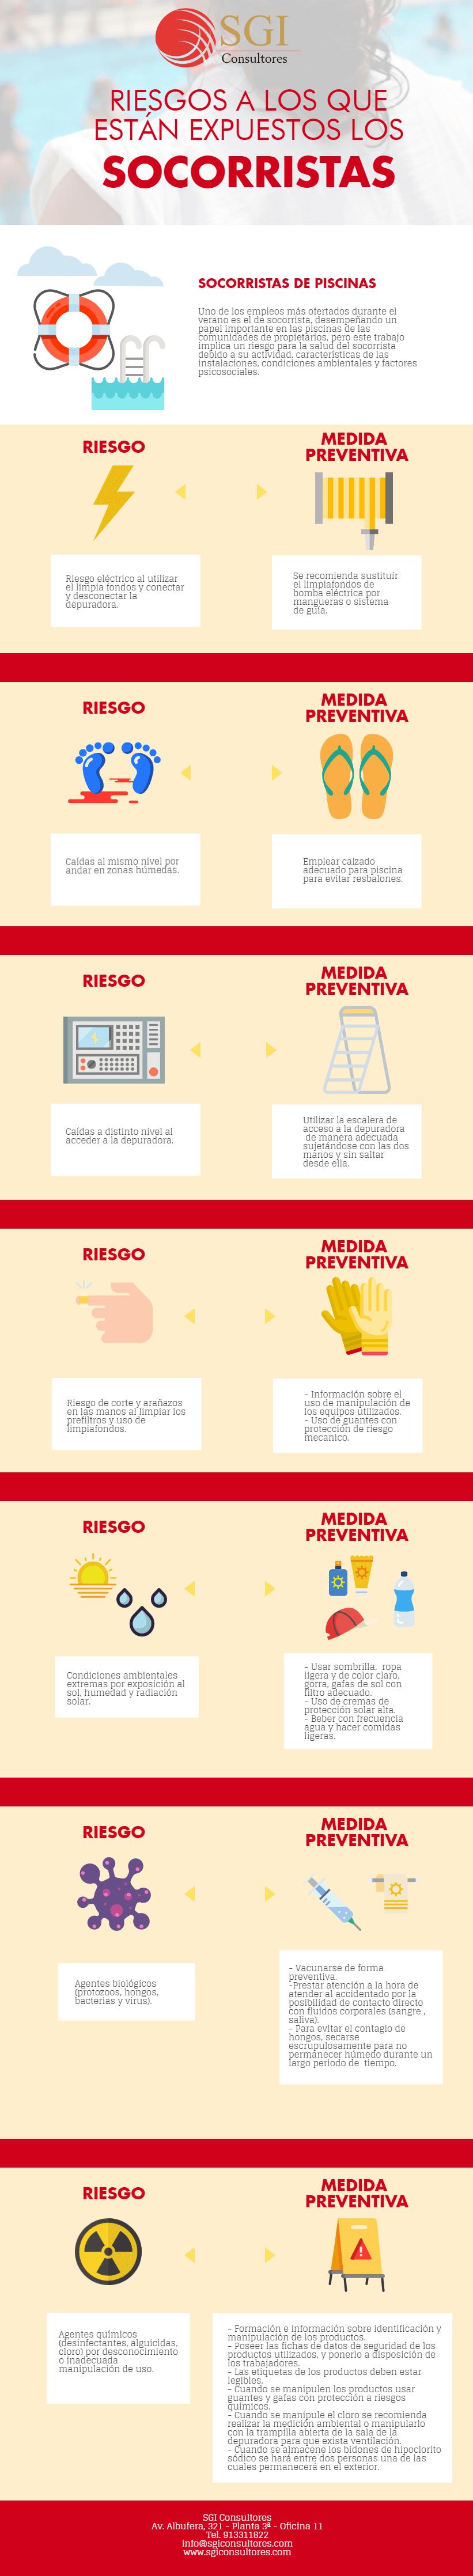 Infografía Riesgos Socorristas